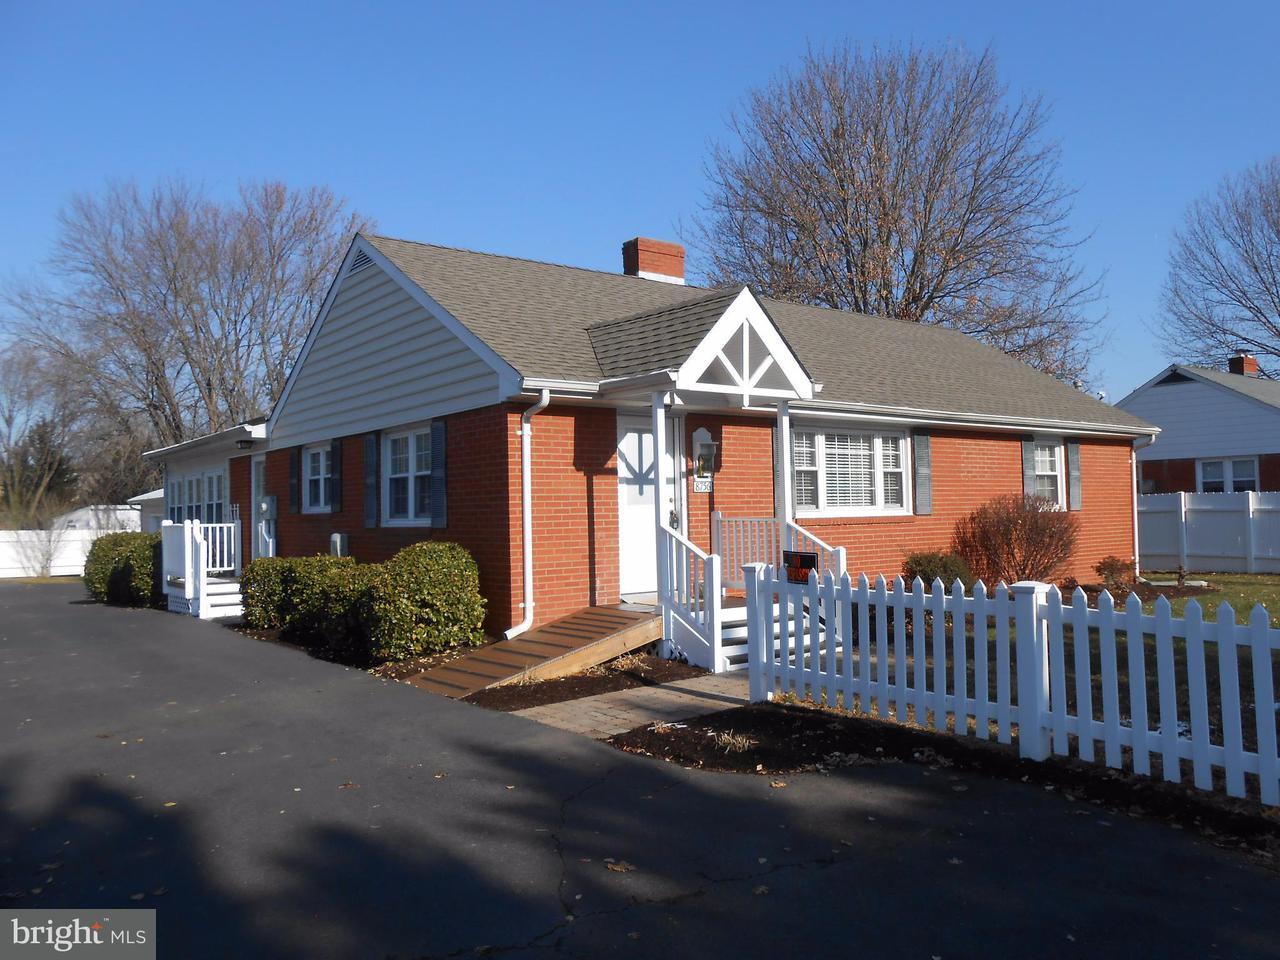 独户住宅 为 销售 在 8756 Signal Hill Road 8756 Signal Hill Road 马纳萨斯, 弗吉尼亚州 20110 美国